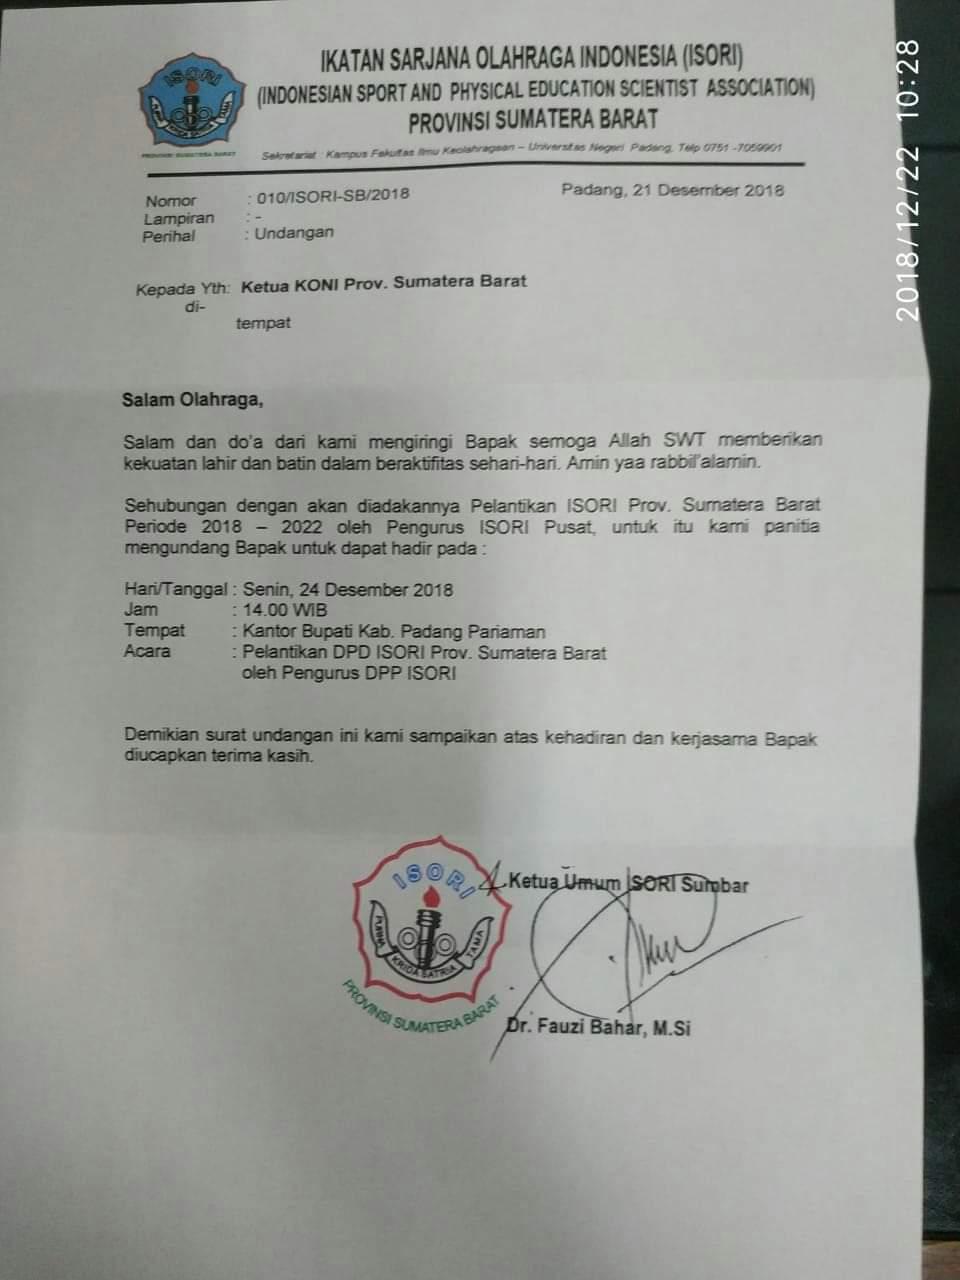 Undangan tertulis dari Ketua ISORI Sumbar Dr Fauzi Bahar